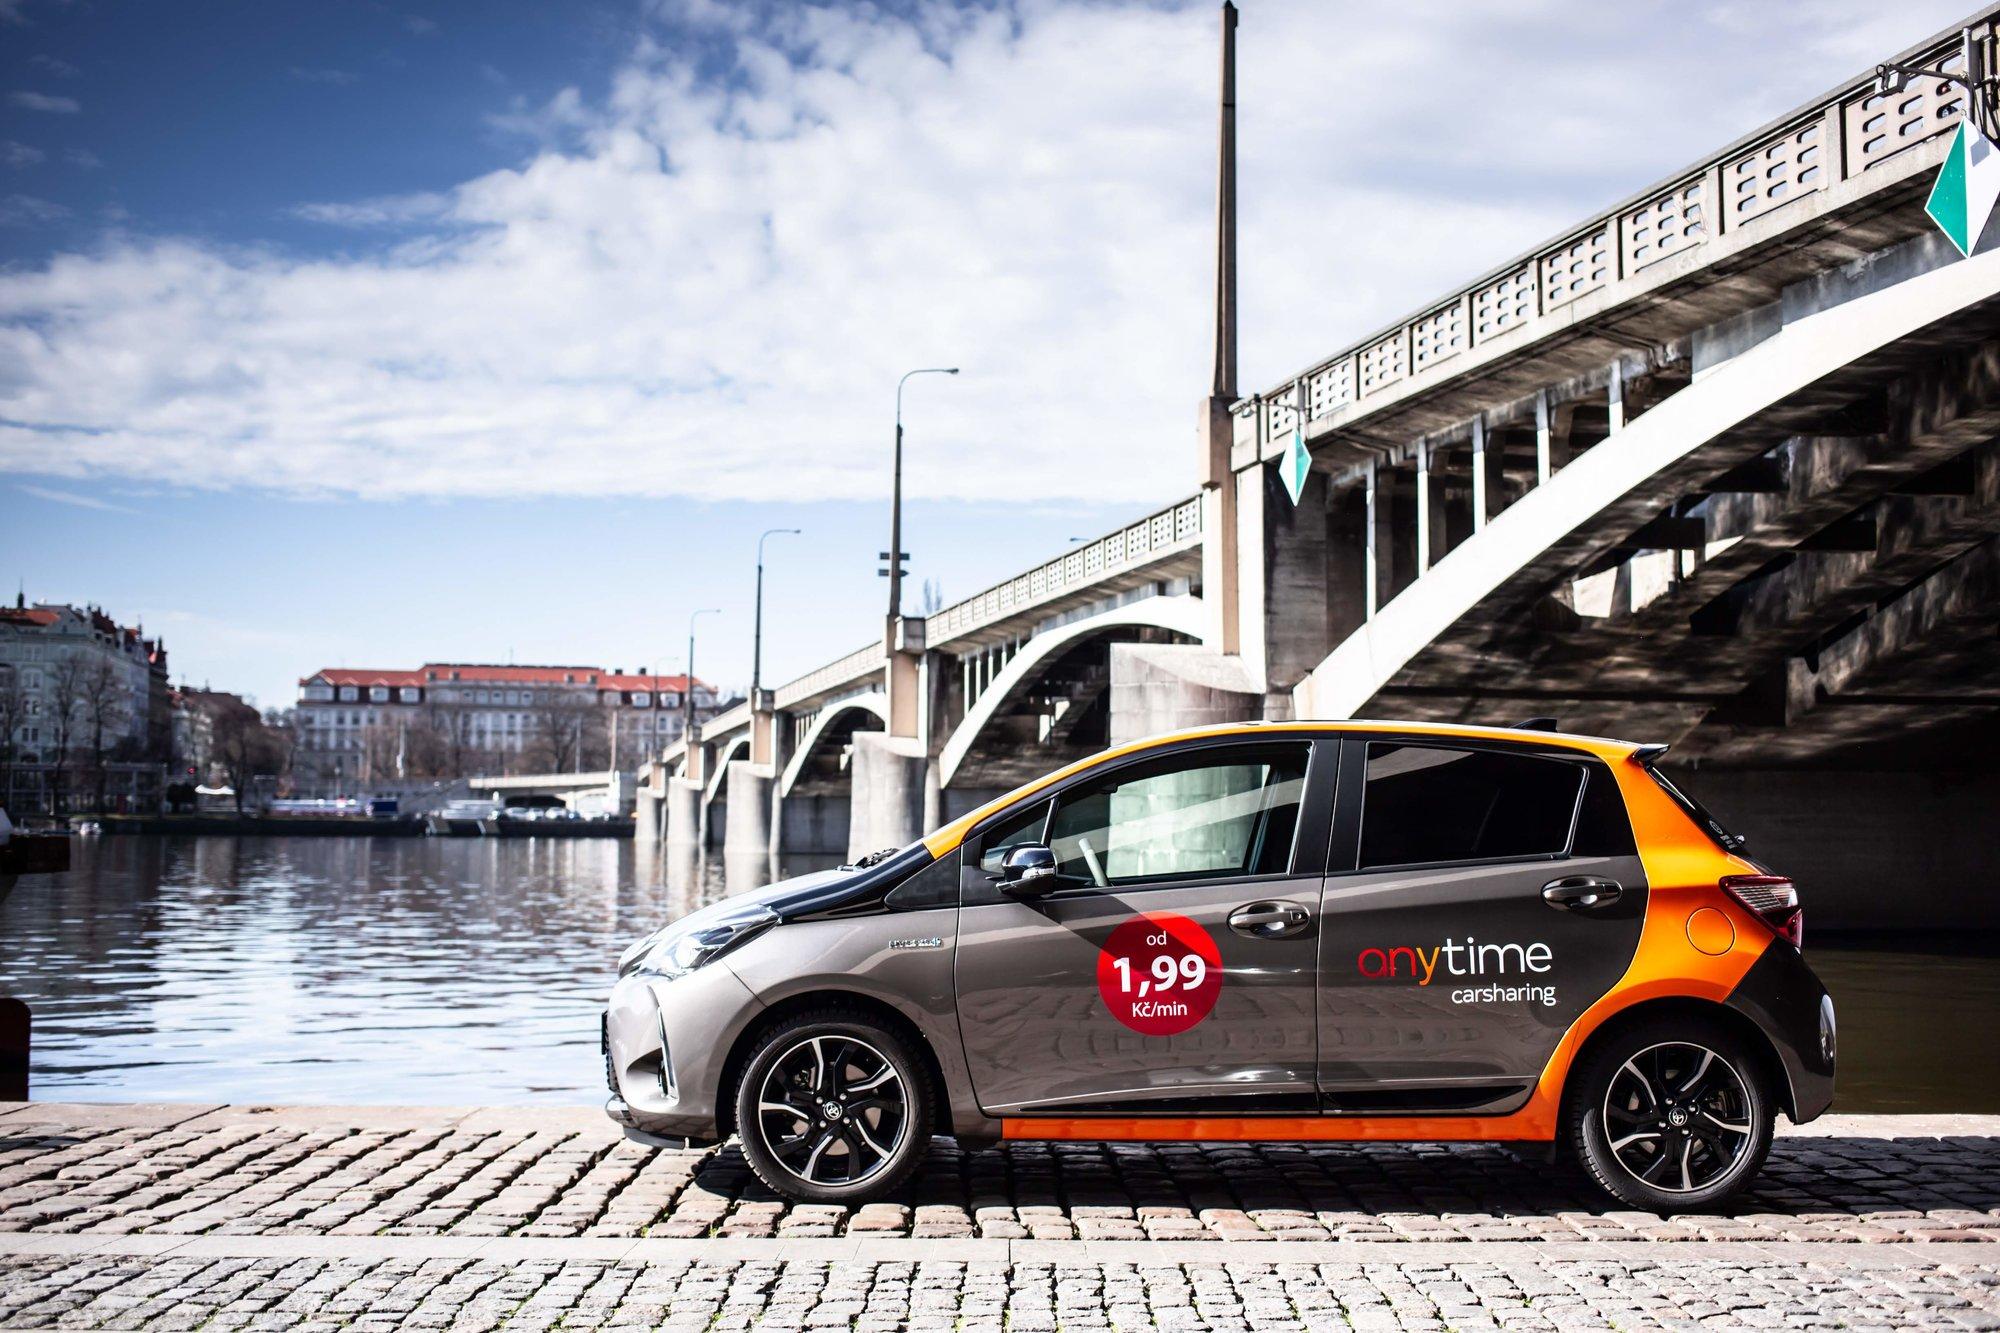 Světová jednička ve sdílení aut Anytime carsharing vstupuje do Prahy